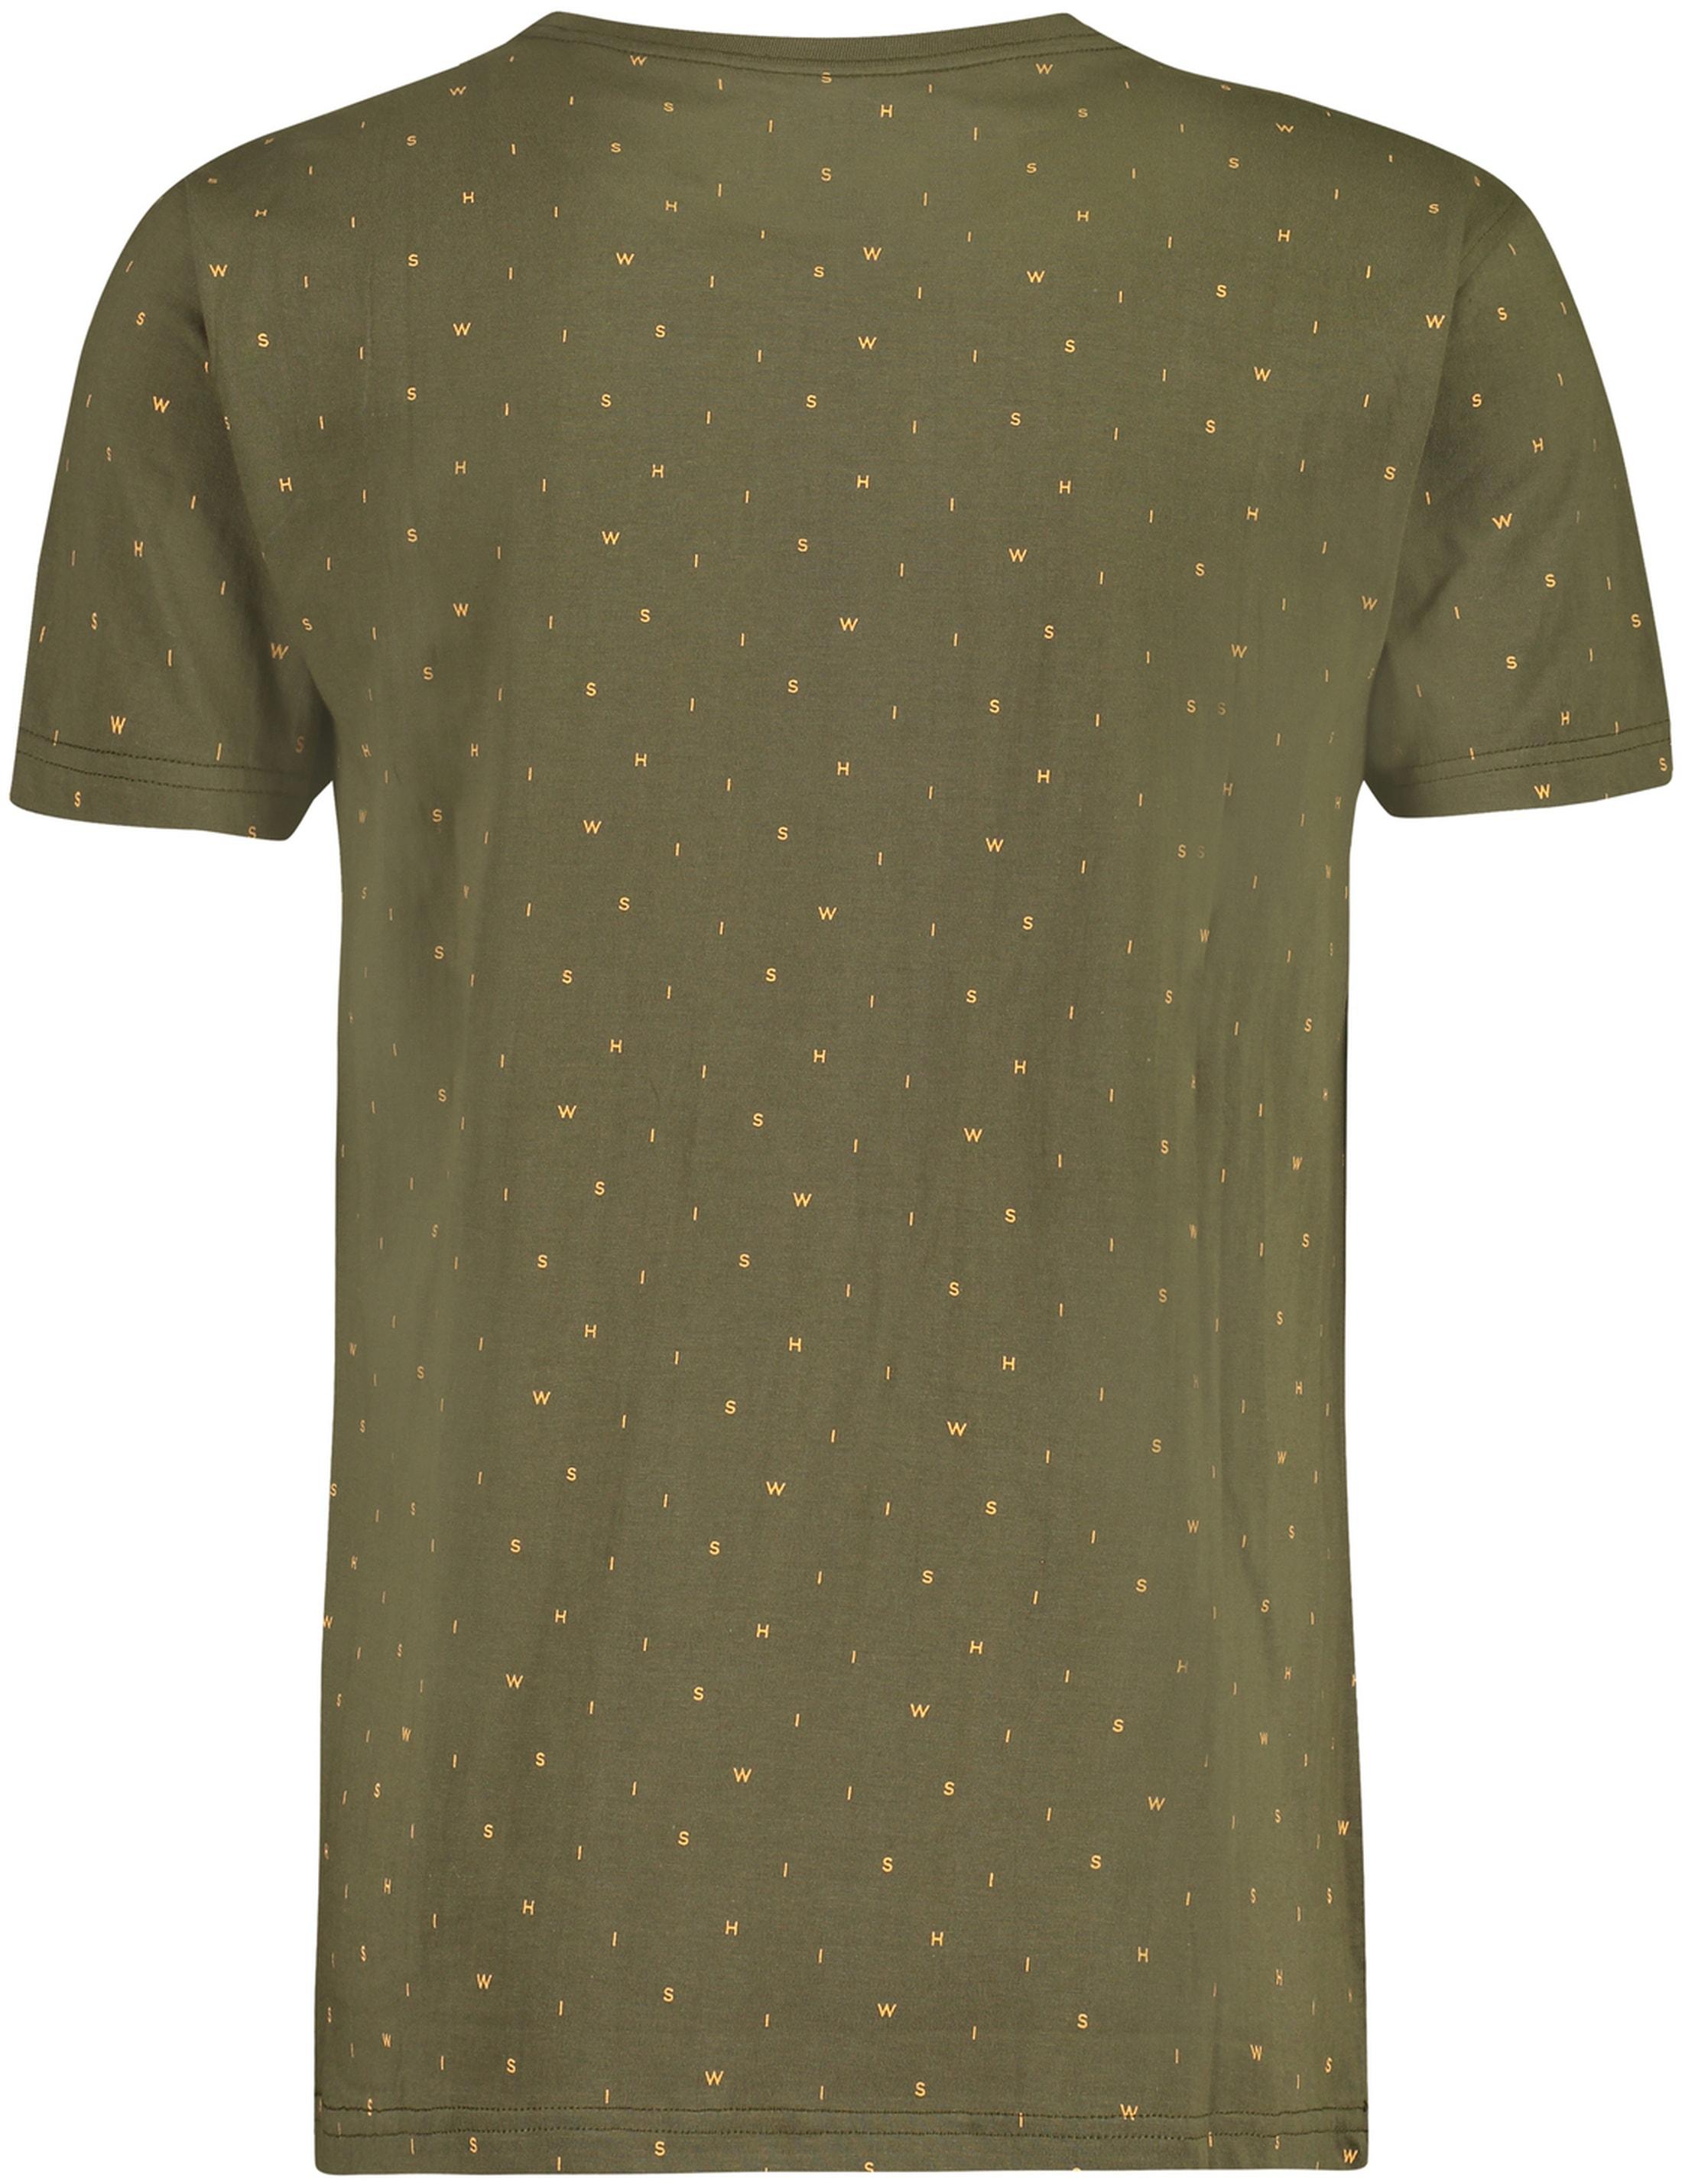 Shiwi T-Shirt Minishiwi Groen foto 1